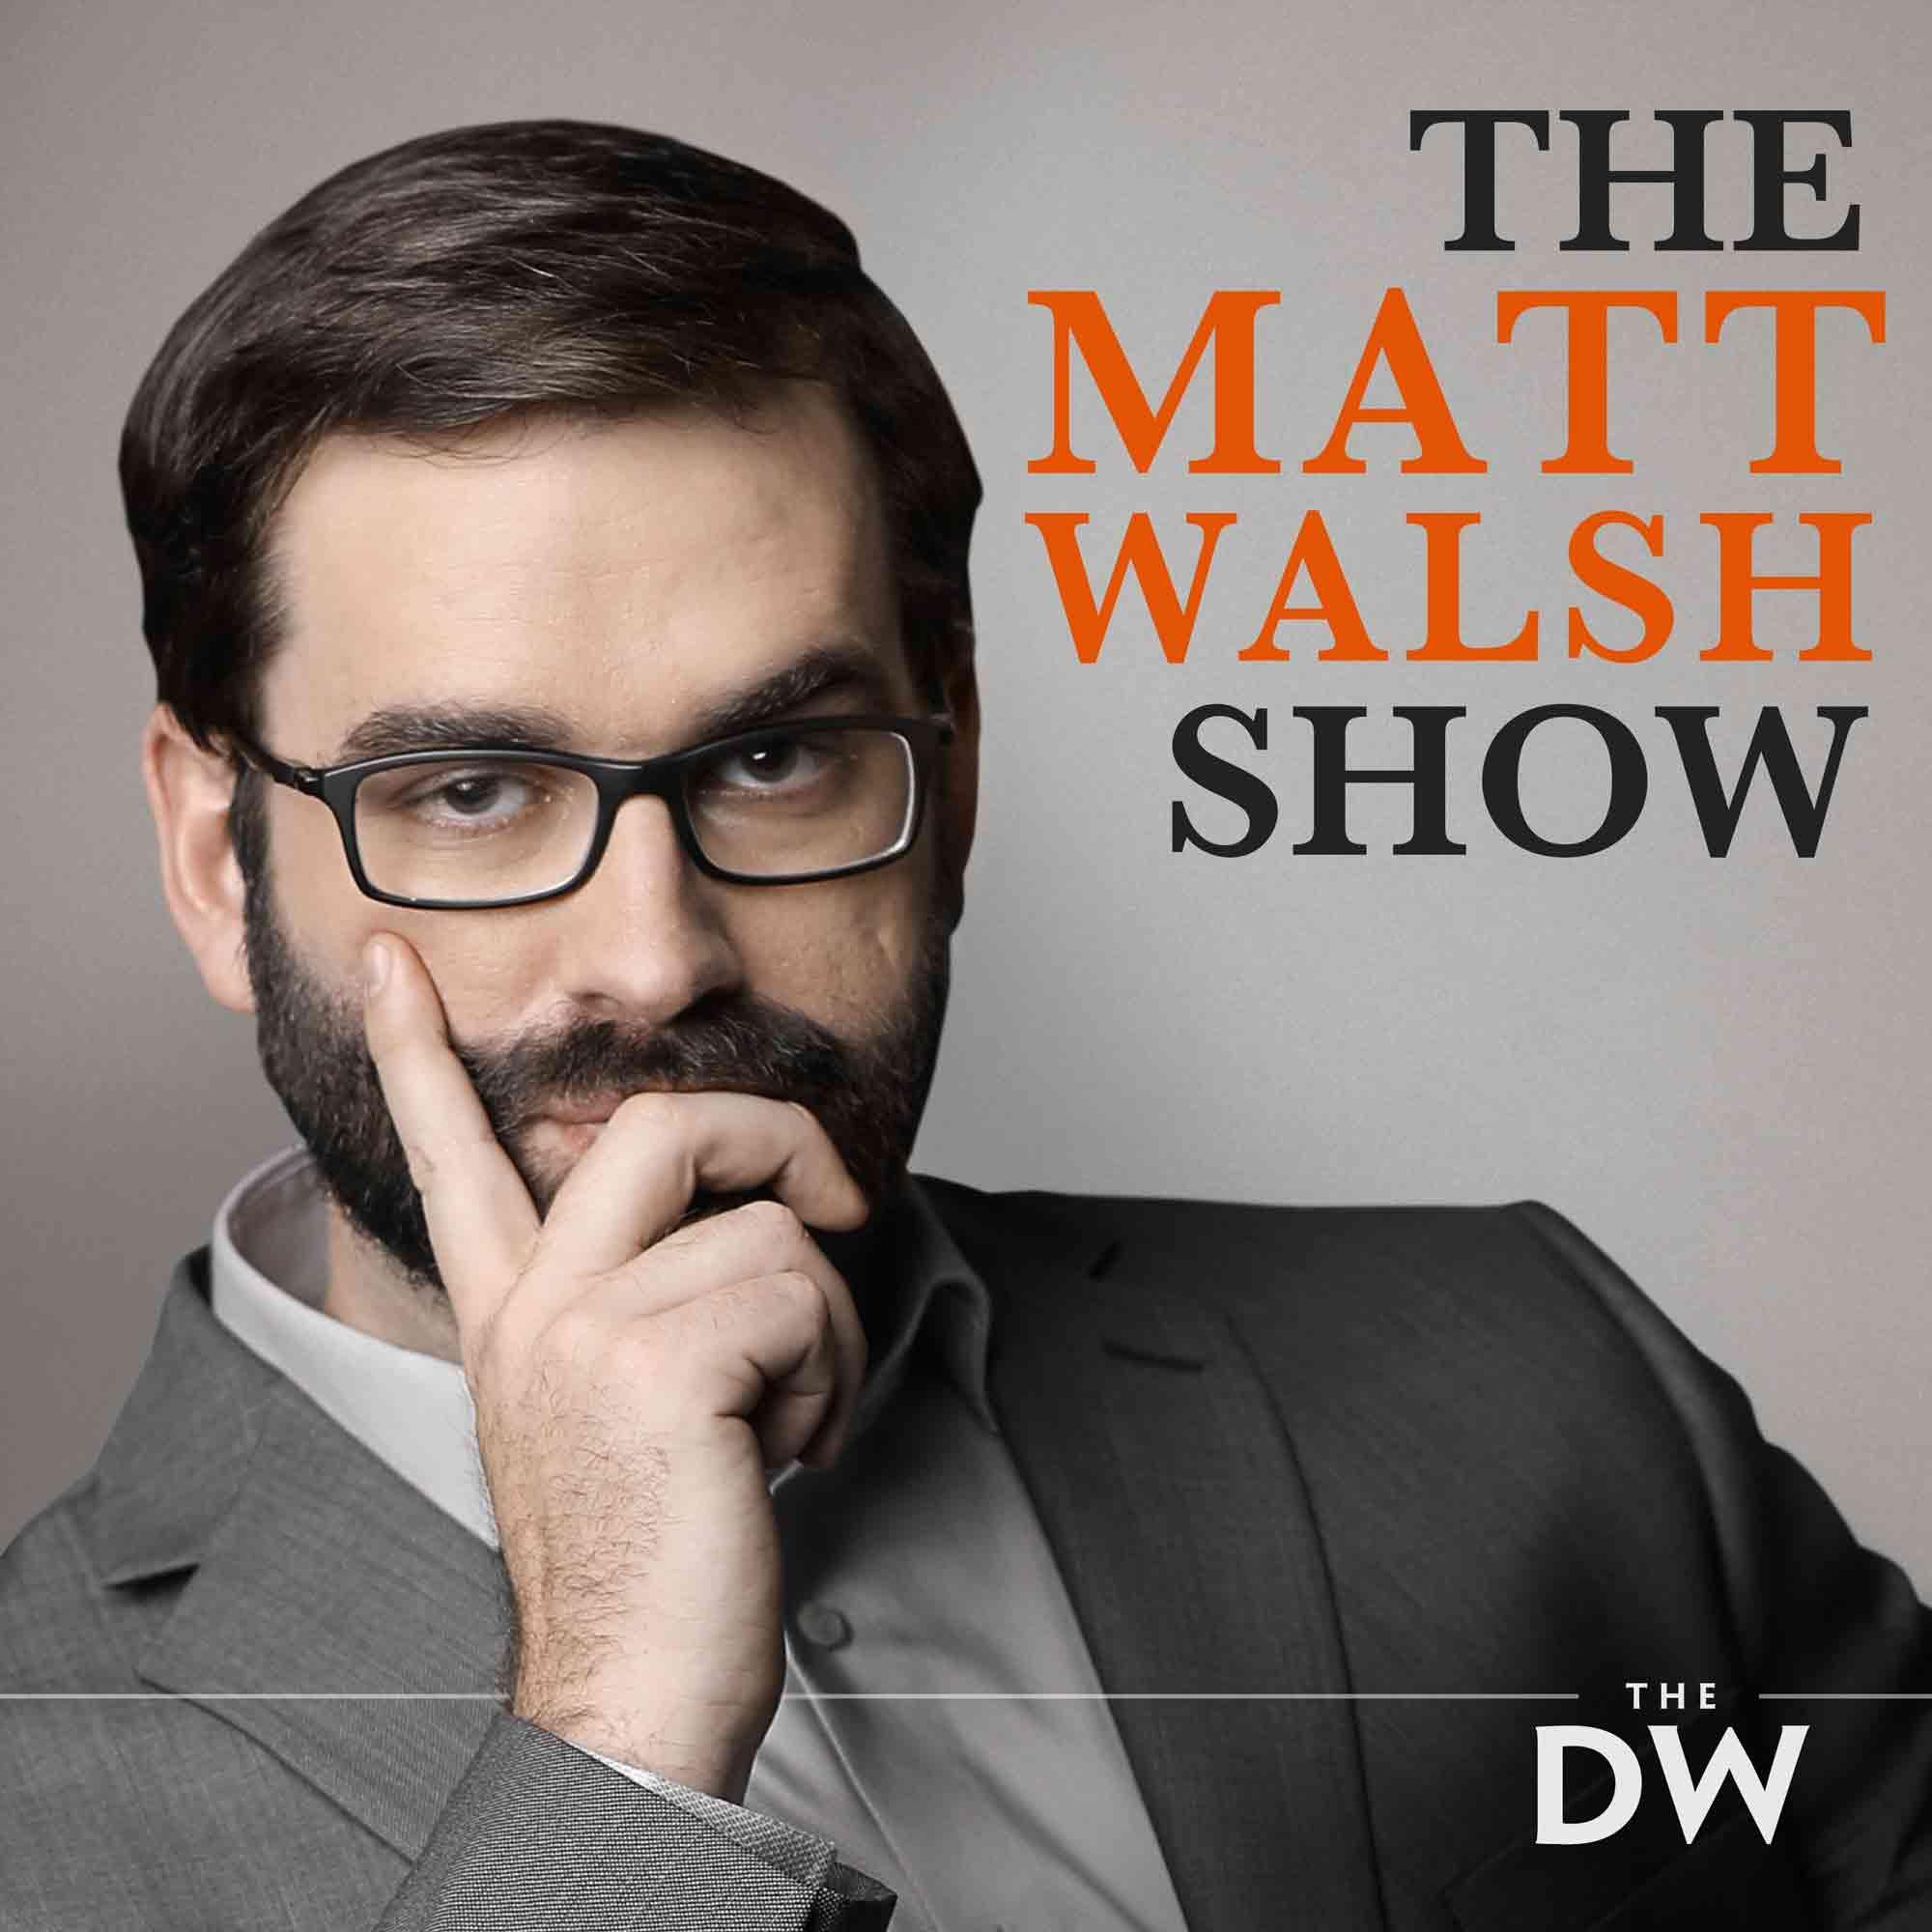 The Matt Walsh Show